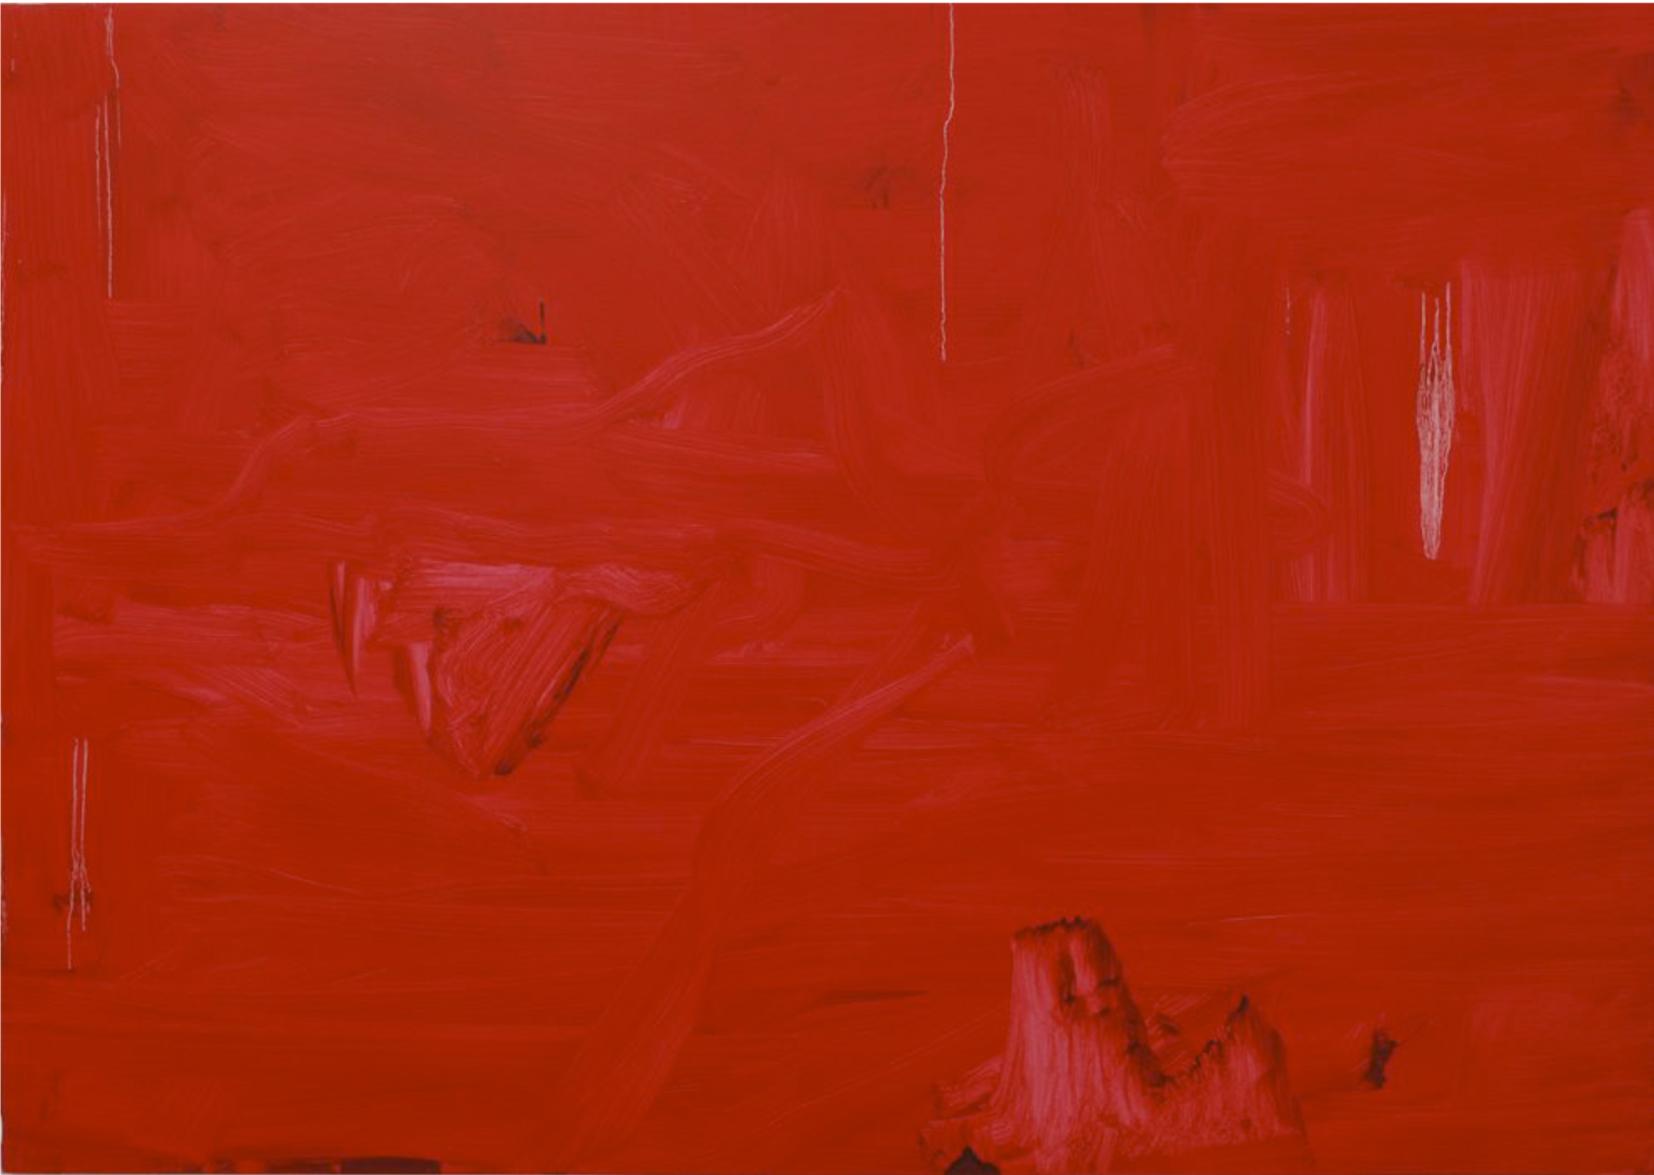 Red ocean #2